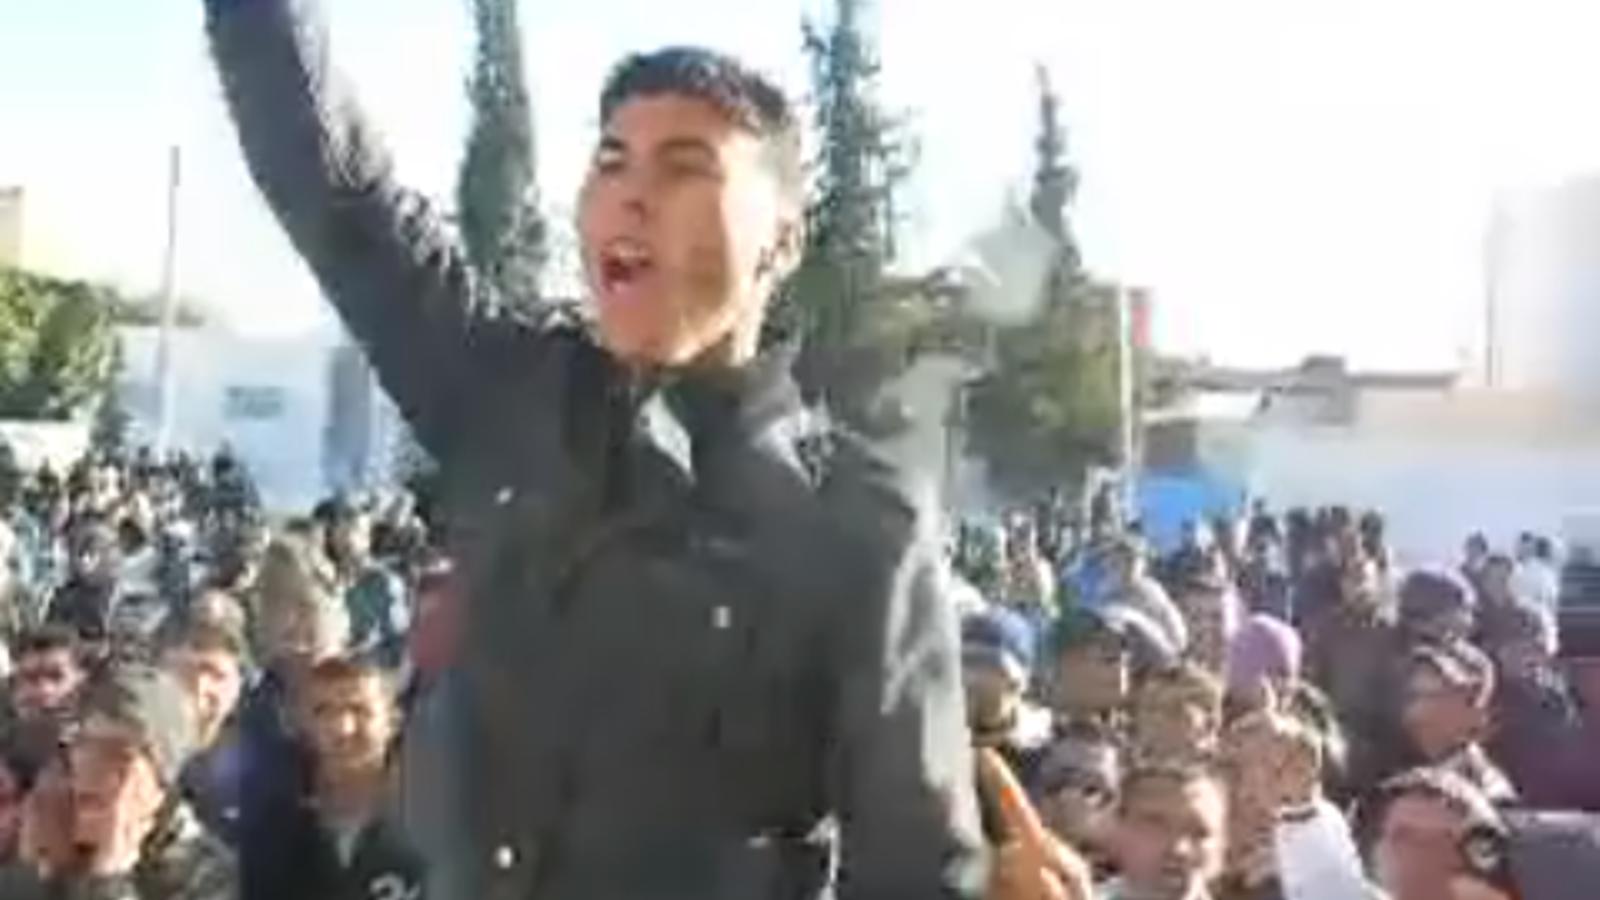 Manifestacions a Tunísia després que Mohammed Bouazizi es cremés fa un any en protesta per la pobresa i els abusos policials